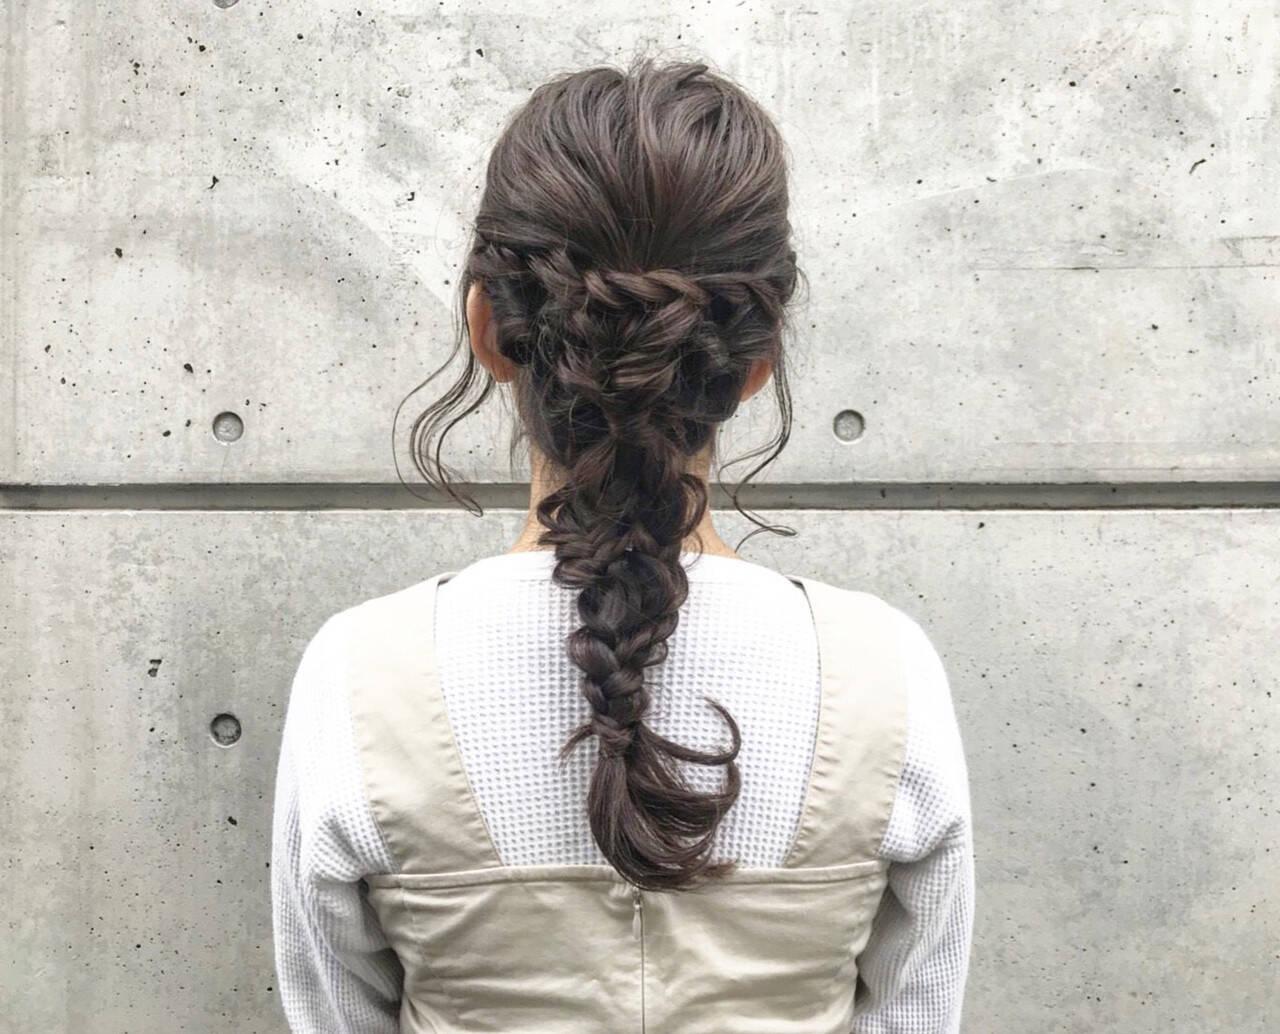 ナチュラル 簡単ヘアアレンジ 成人式 アンニュイほつれヘアヘアスタイルや髪型の写真・画像